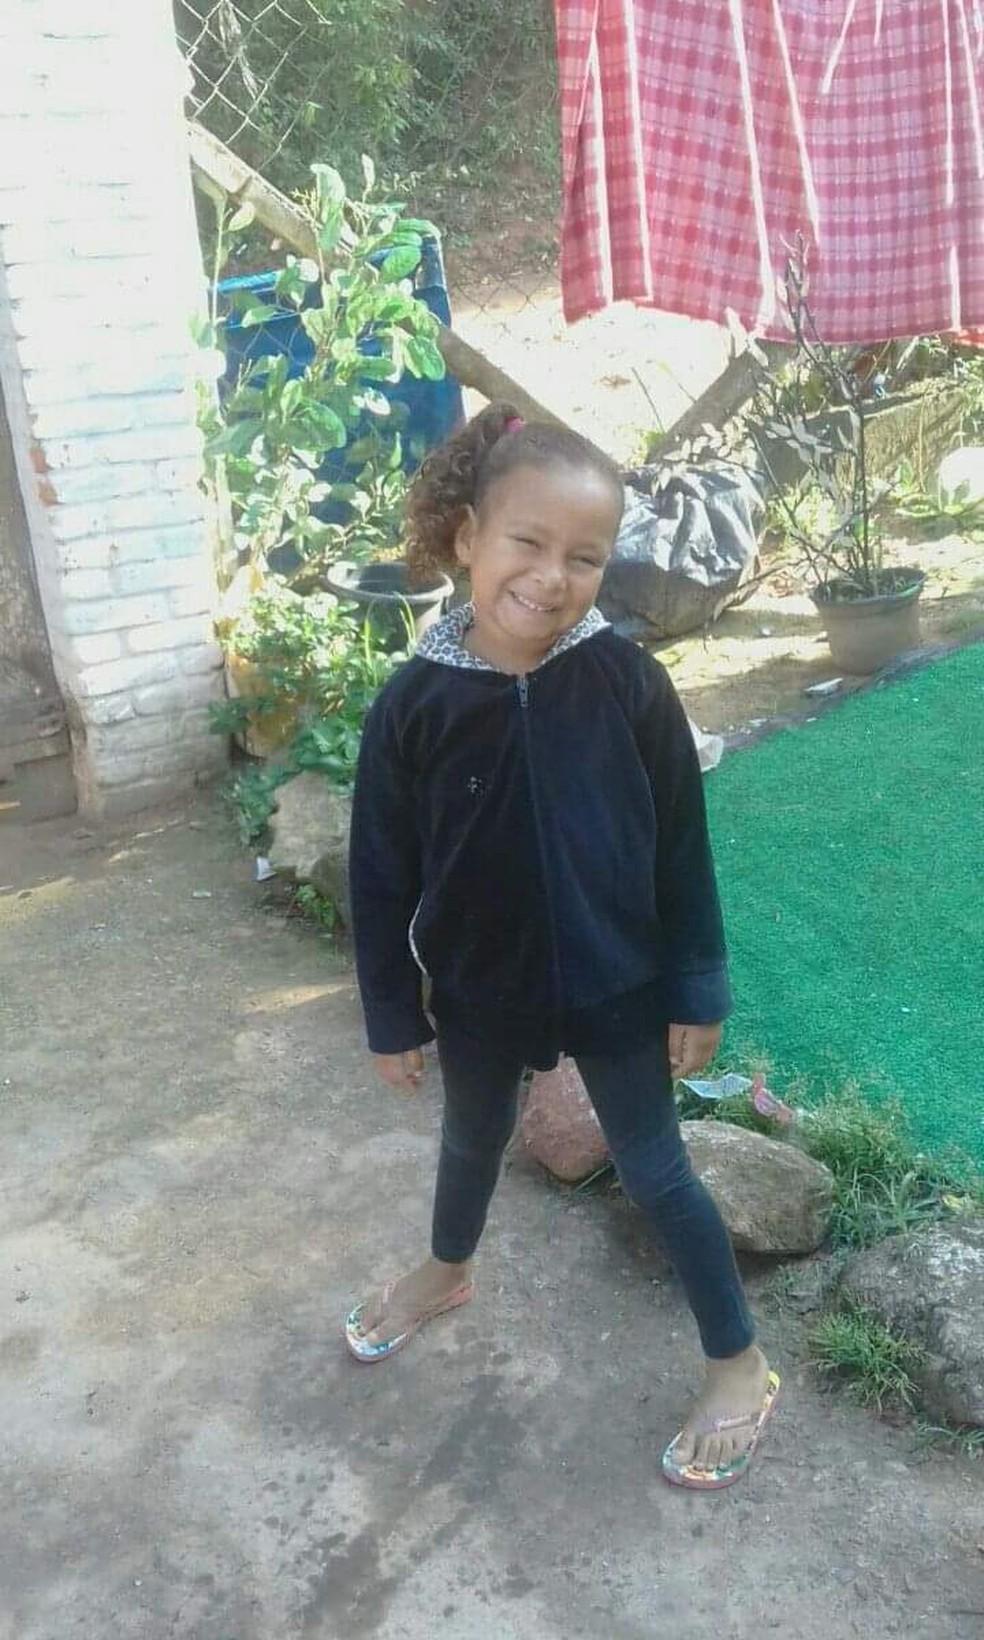 Kauani Cristhiny, de 6 anos, estava desaparecida desde a madrugada de quarta-feira (17) — Foto: Arquivo Pessoal/Diana Soares